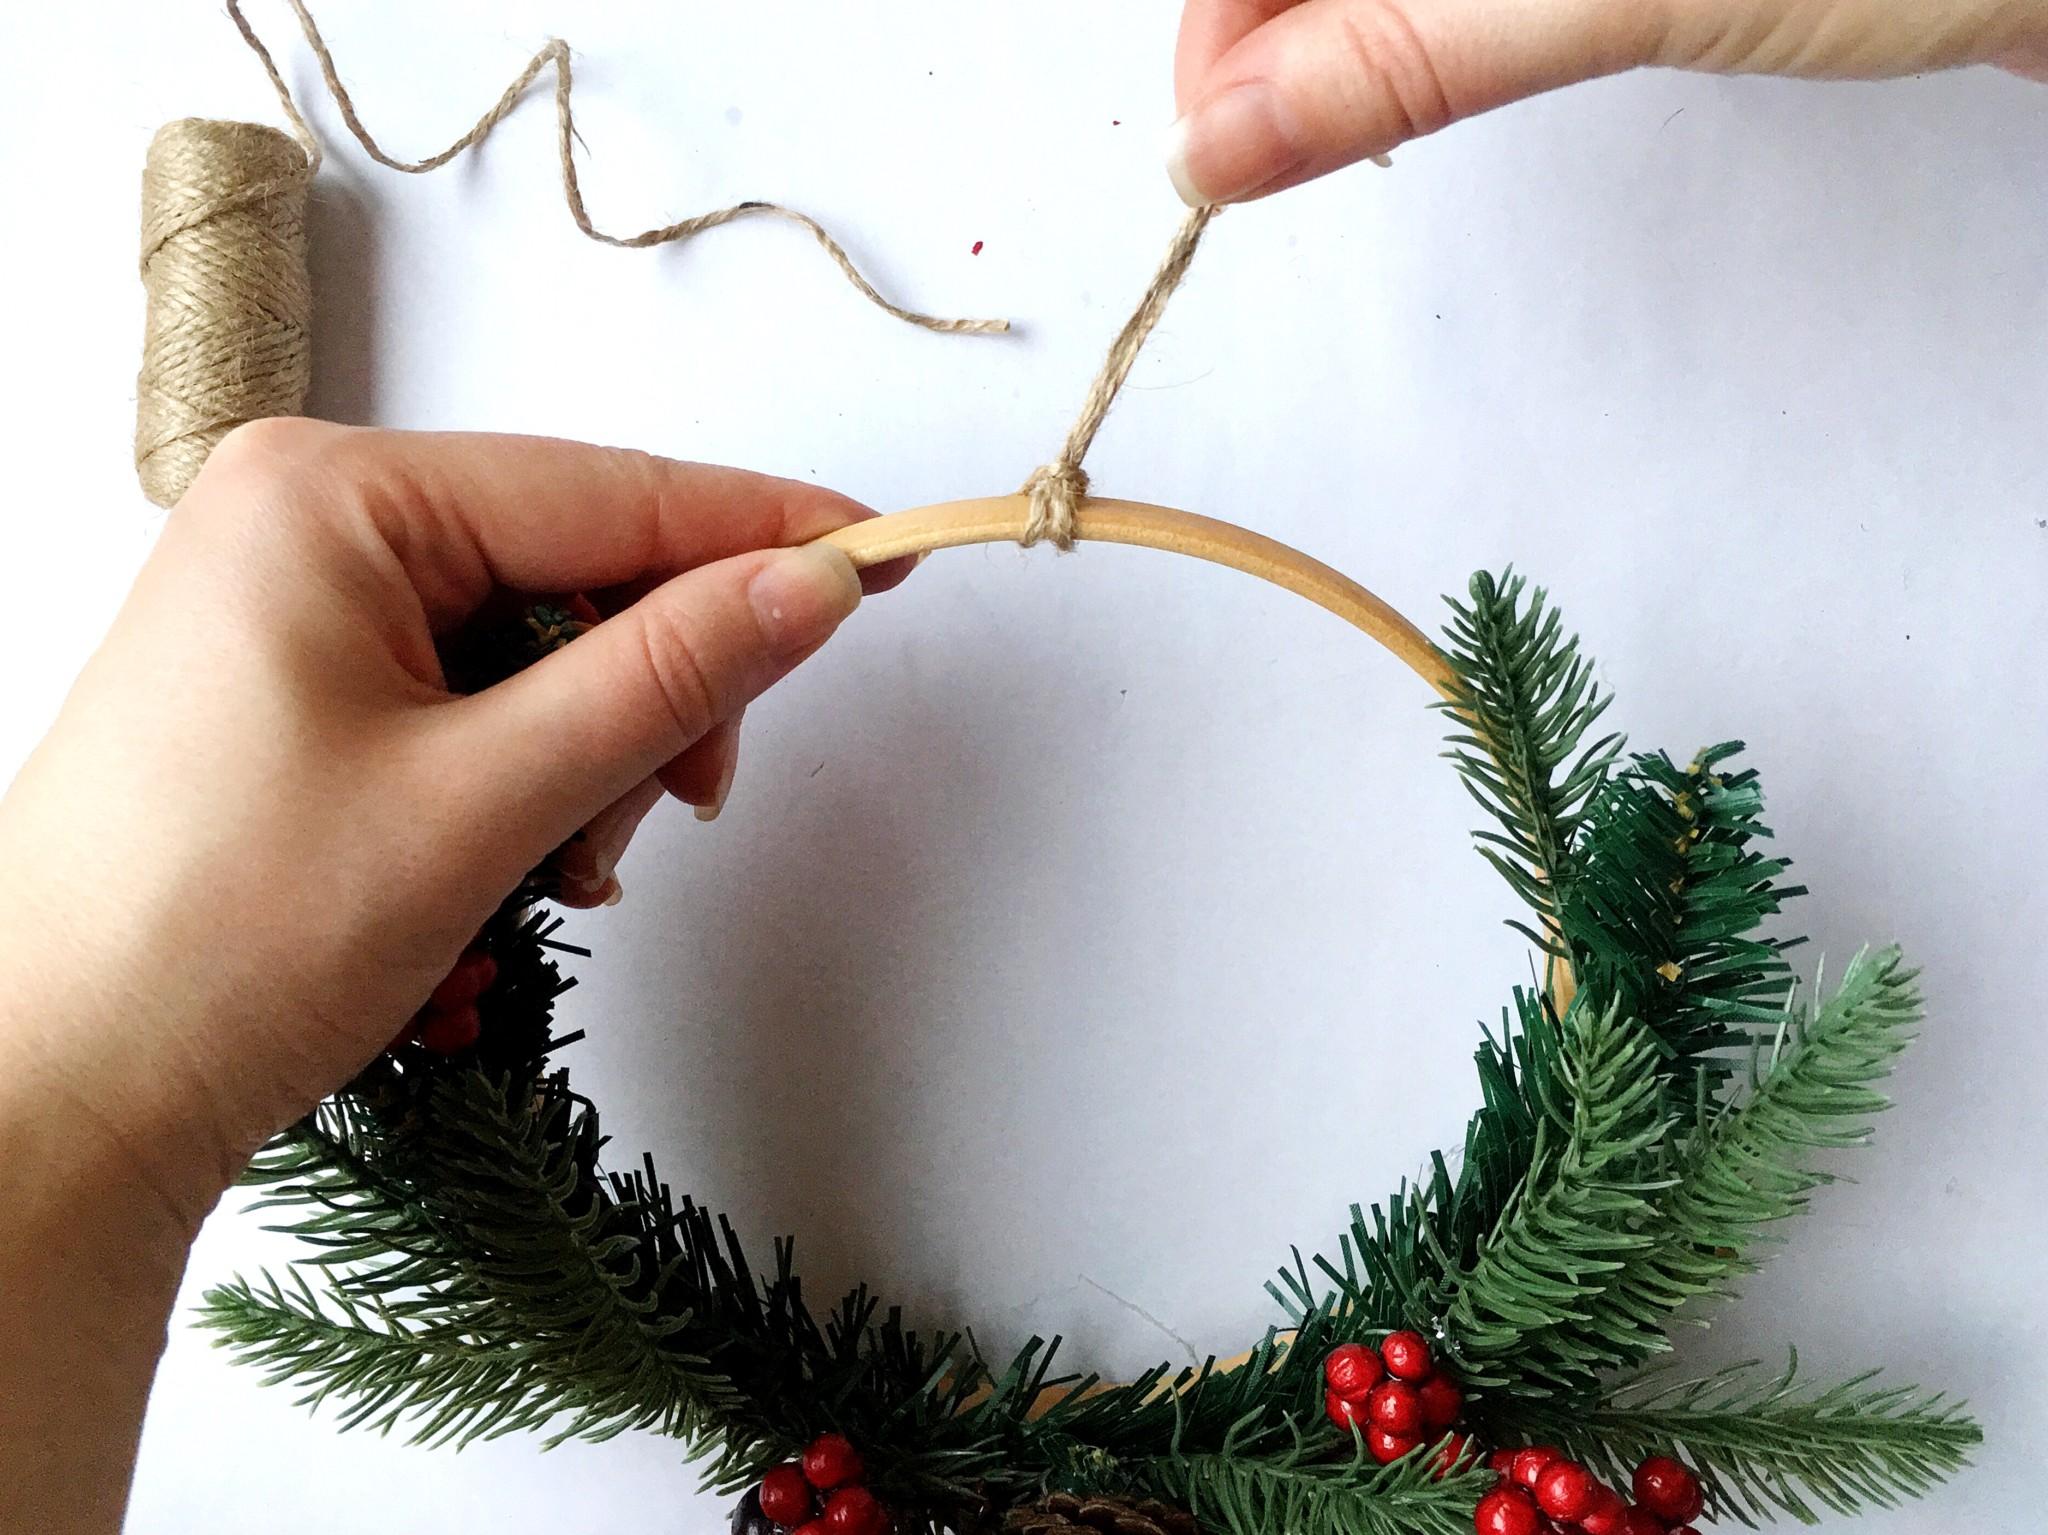 Простой рождественский венок своими руками | Блог Варвары Лялягиной «Дом, в который хочется приходить»